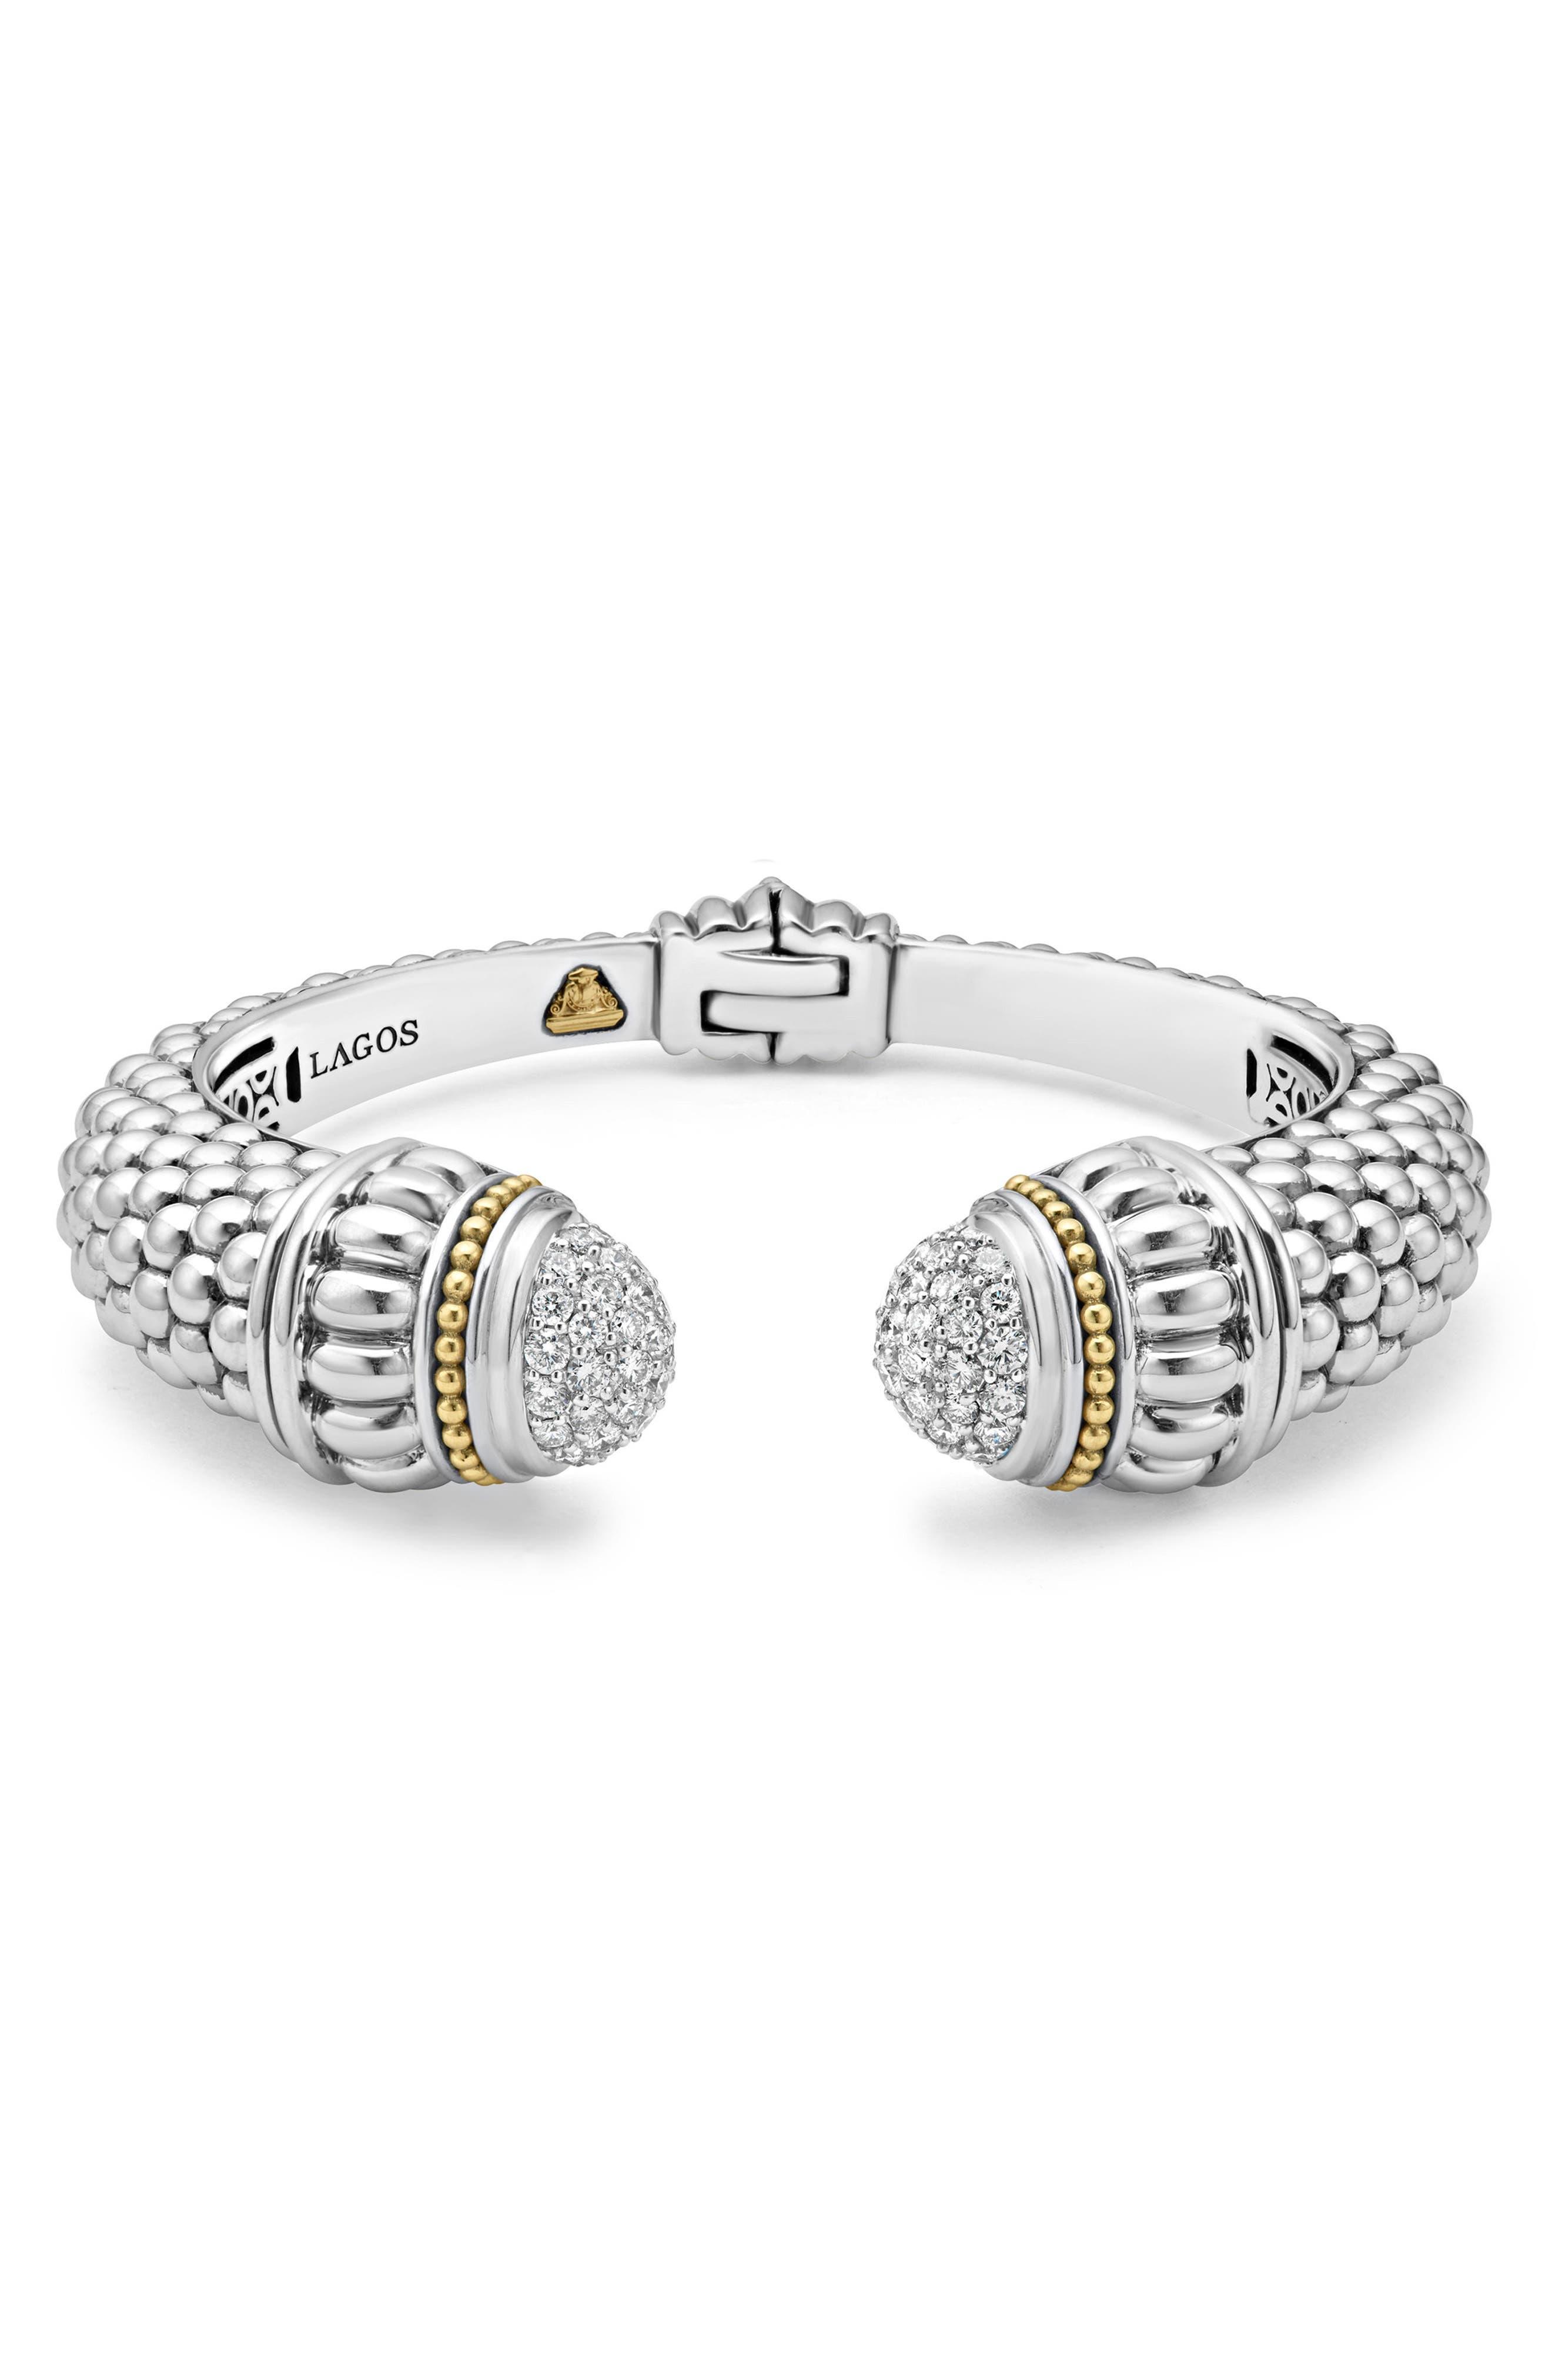 Main Image - LAGOS Caviar Diamond Hinge Cuff